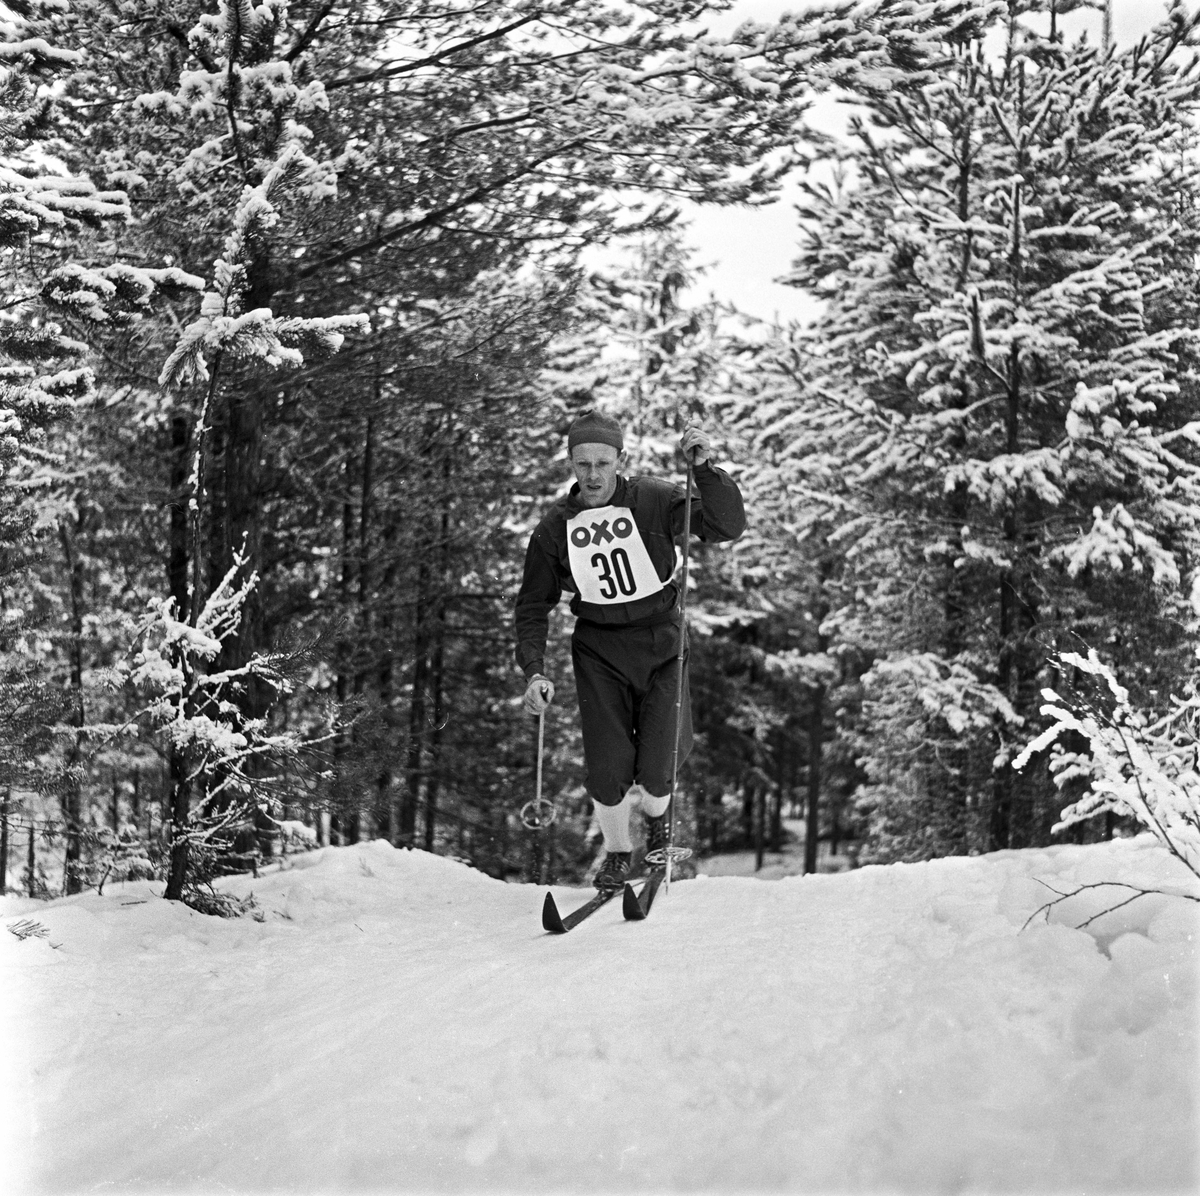 Serie. Skiløperen Håkon Brusveen, bl. under et langrenn på Lillehammer (nr.45 på brystet) i 1958, og 30km i NM (nr. 30) i 1960.  Fotografert 1958-60.